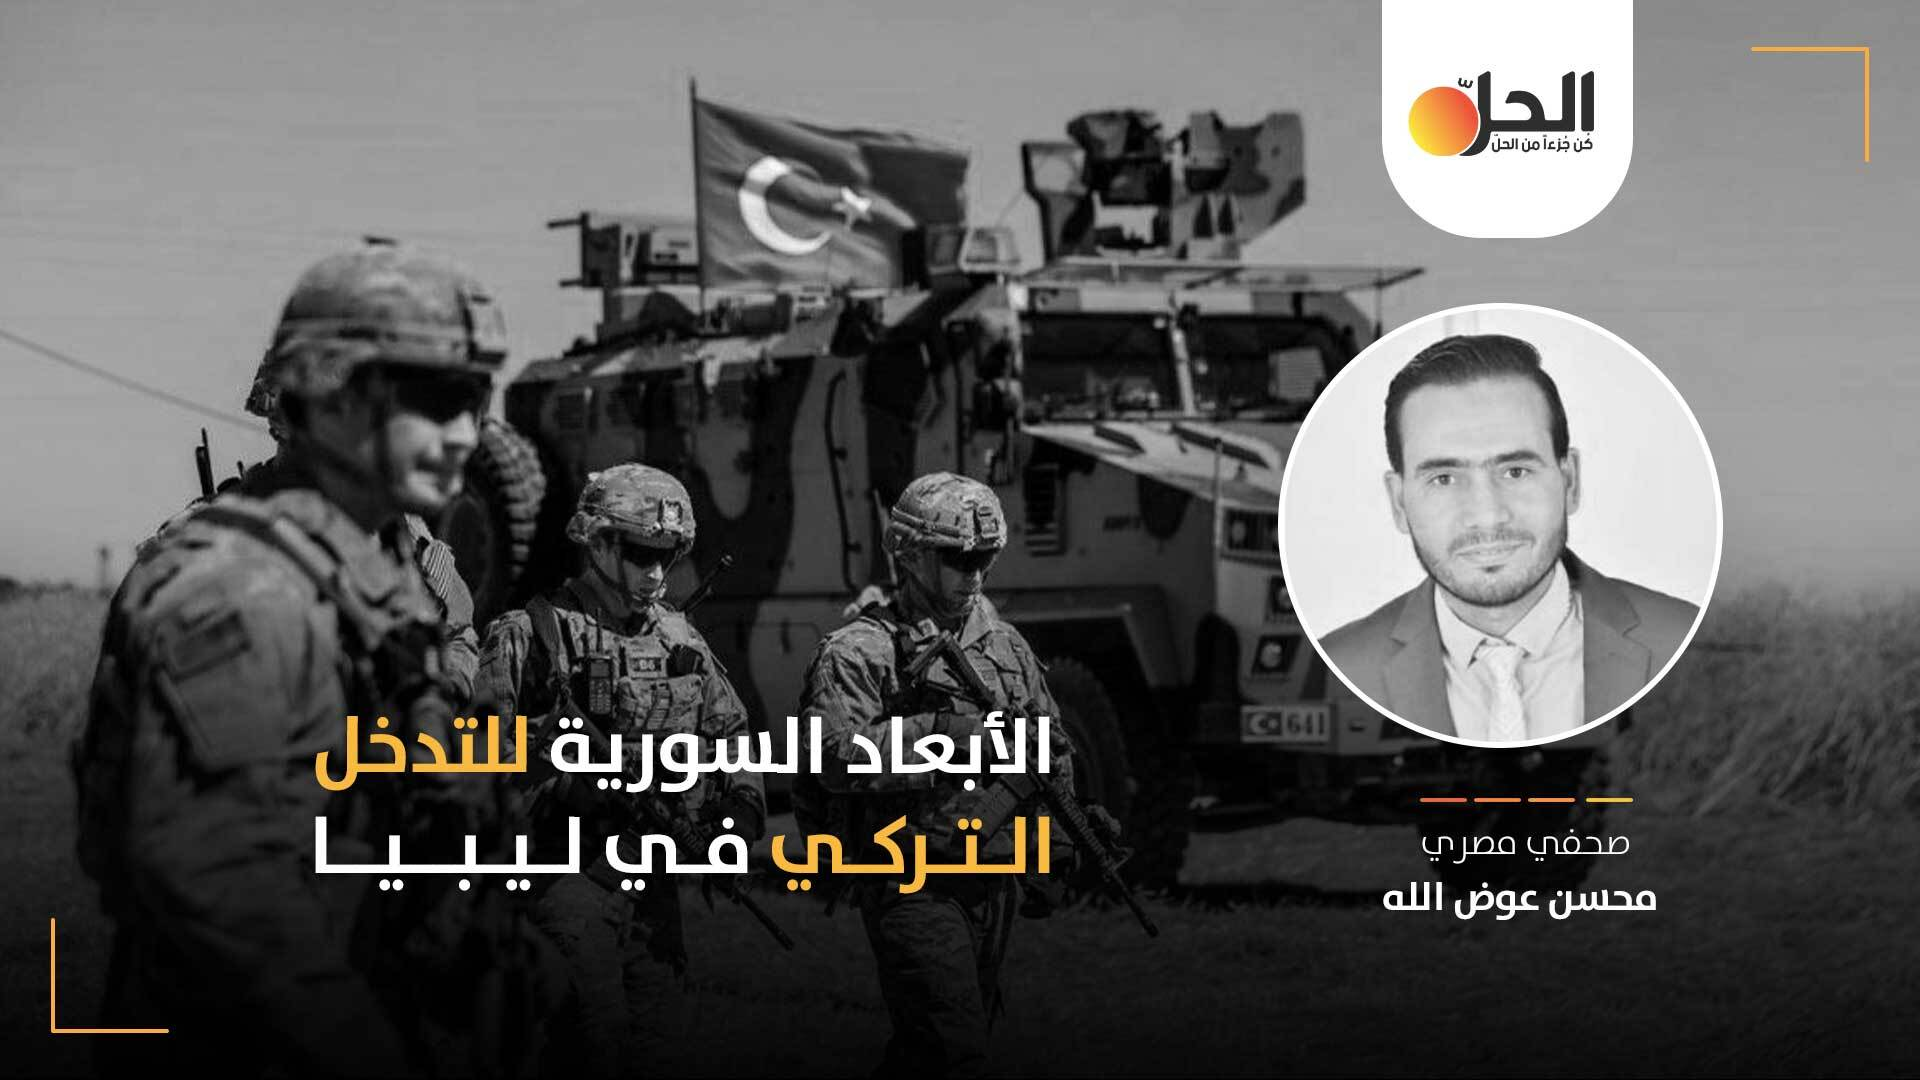 مع تغيّر المشهد السياسي جنوب المتوسط: هل ستتخلى أنقرة عن مرتزقتها السوريين في ليبيا؟